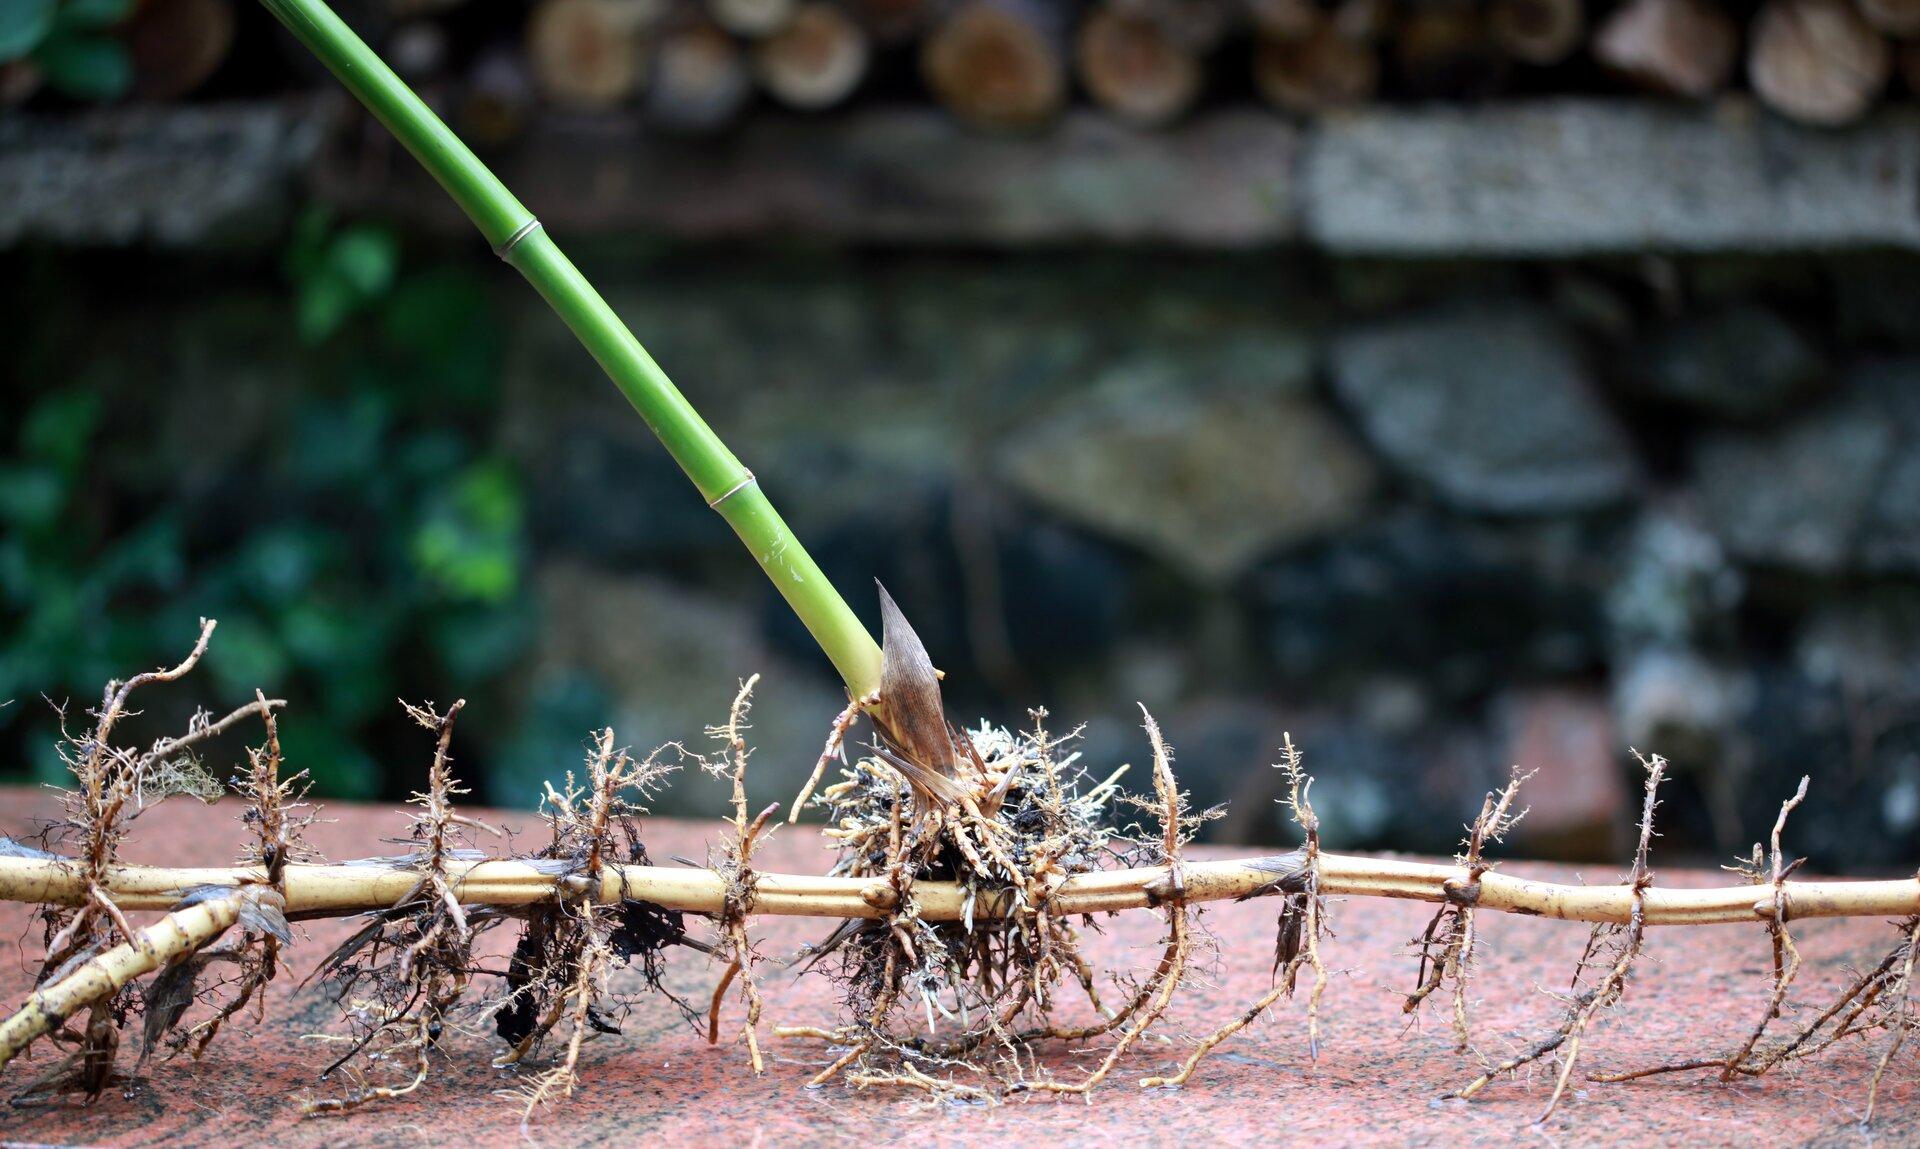 Fotografia przedstawia cienkie, długie, poziomo ułożone kłącze bambusa. Złodygi do góry wyrasta zielone źdźbło, ana boki także krótkie korzenie.